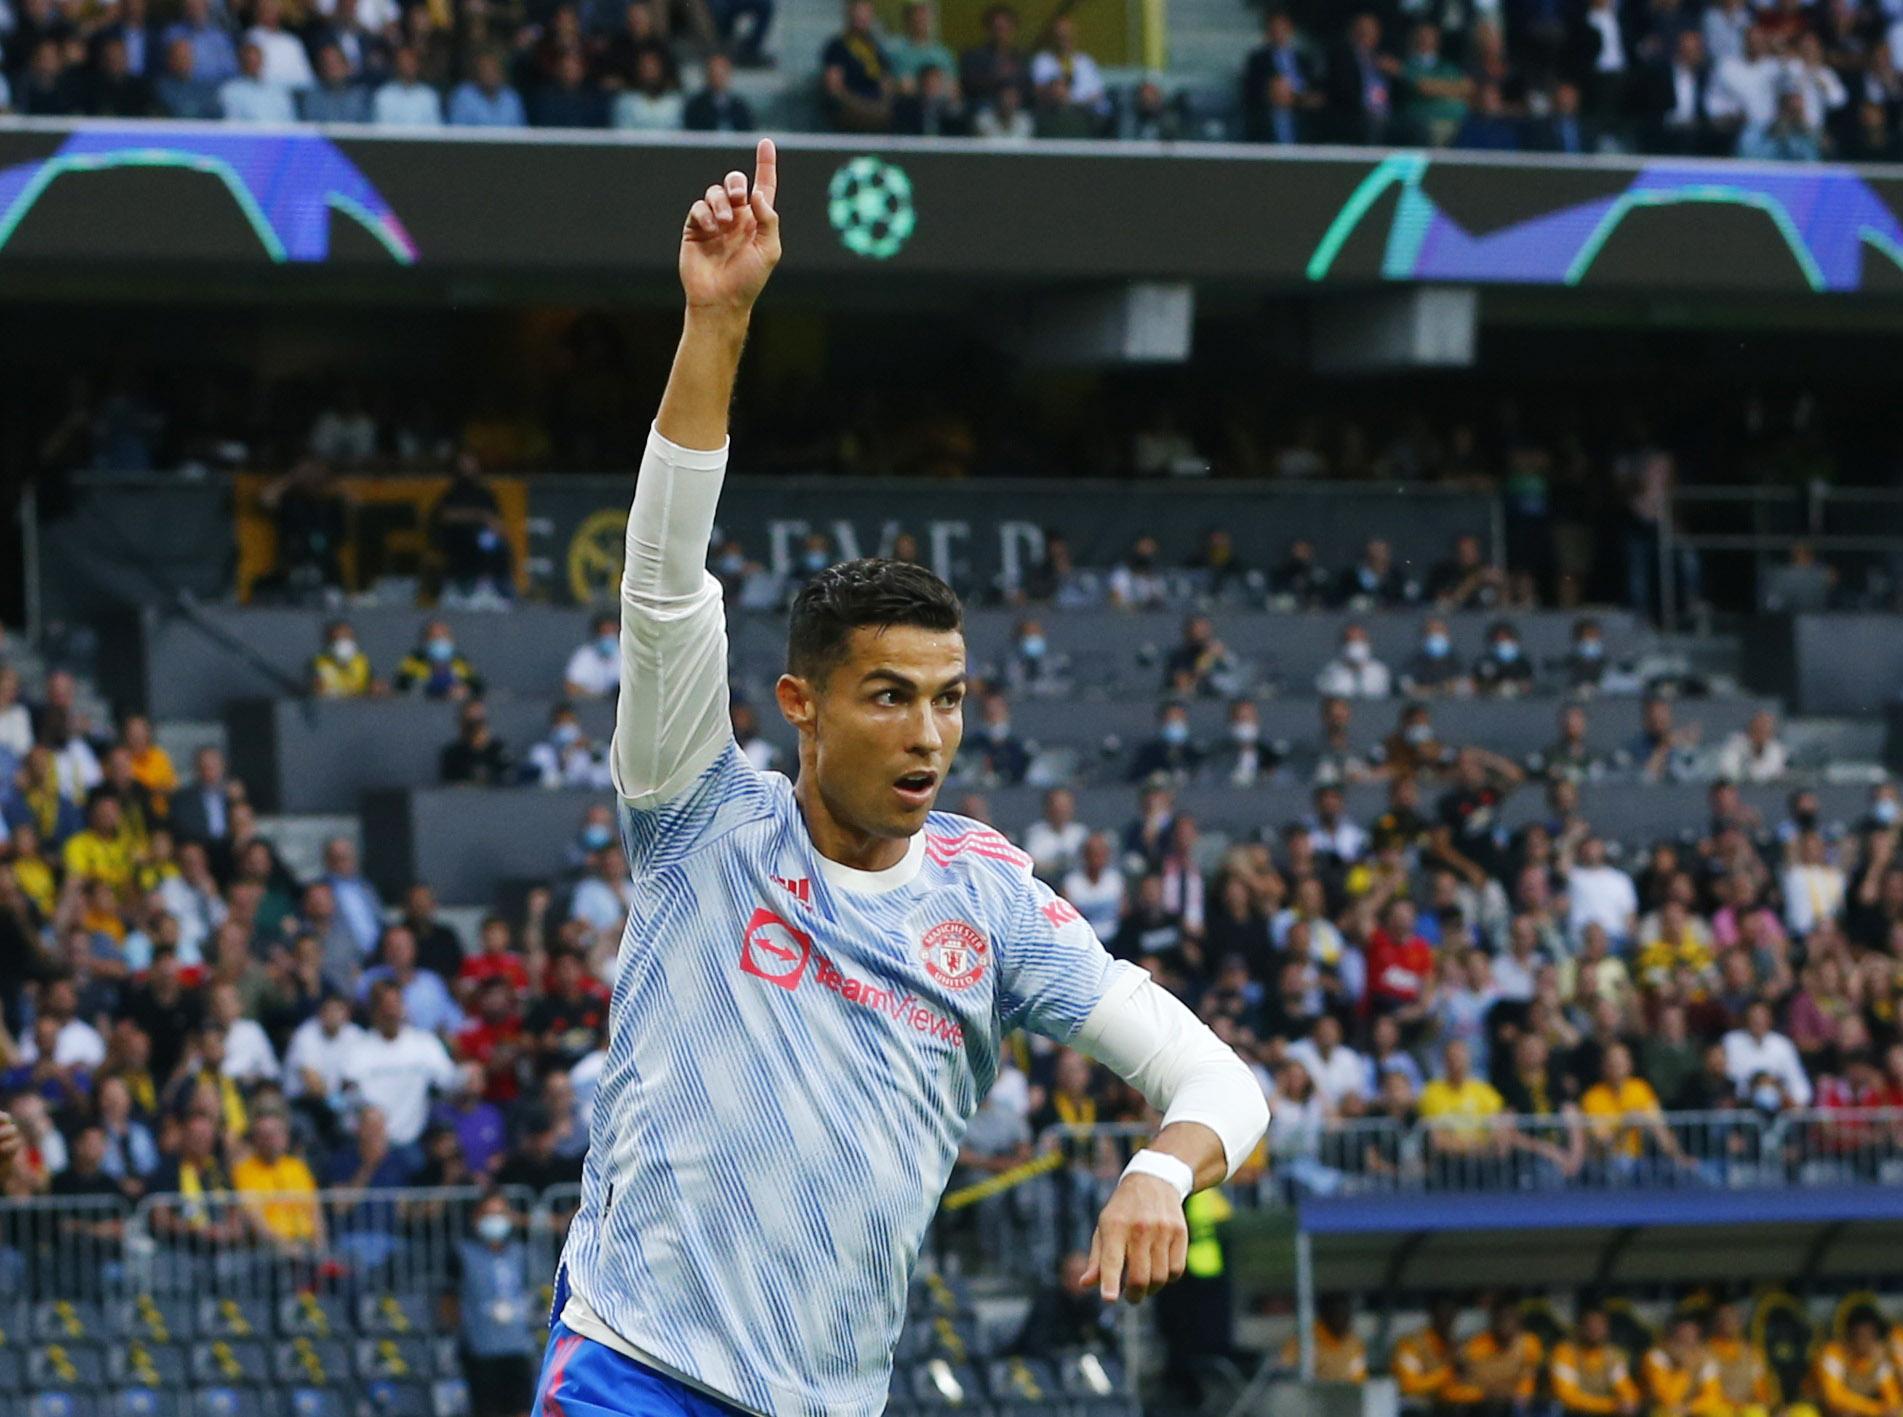 Γιουνγκ Μπόις – Μάντσεστερ Γιουνάιτεντ: Ο απίθανος Κριστιάνο Ρονάλντο σκόραρε και στο Champions League